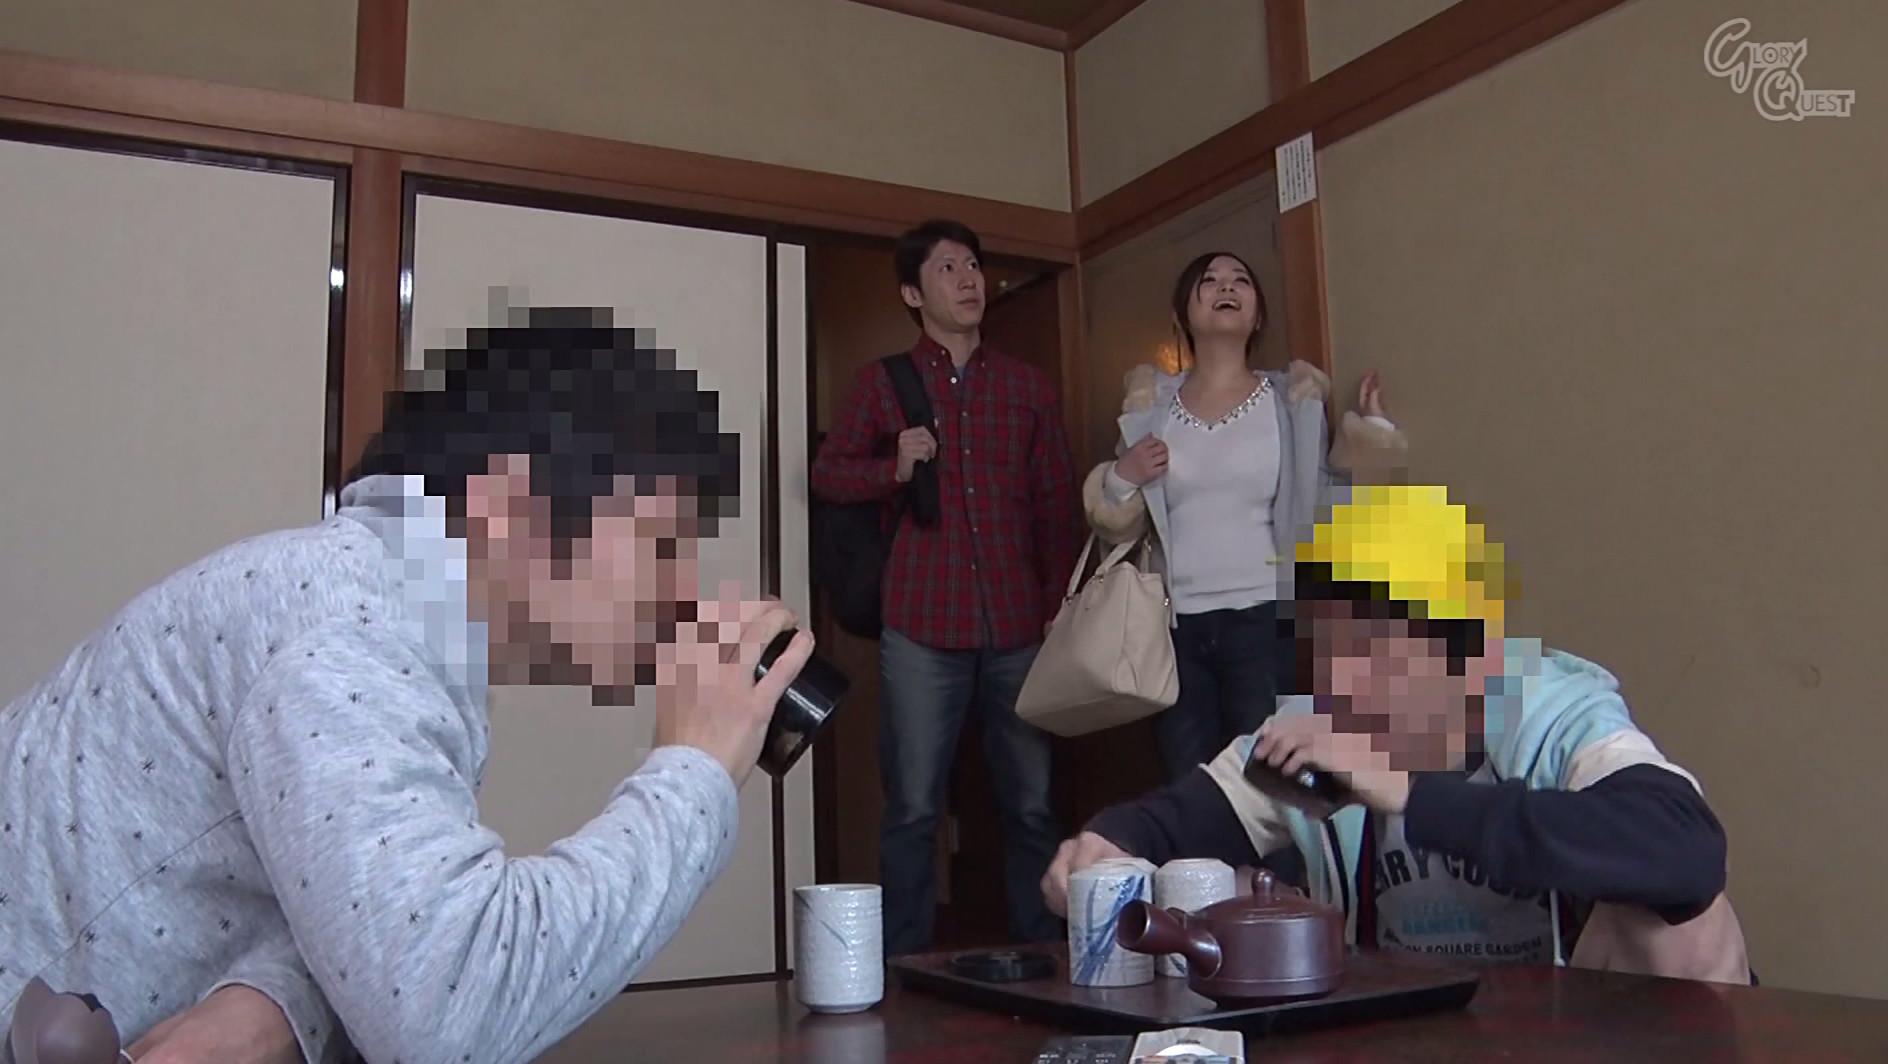 ボイン大好きしょう太くんのHなイタズラ 笹倉杏 画像2